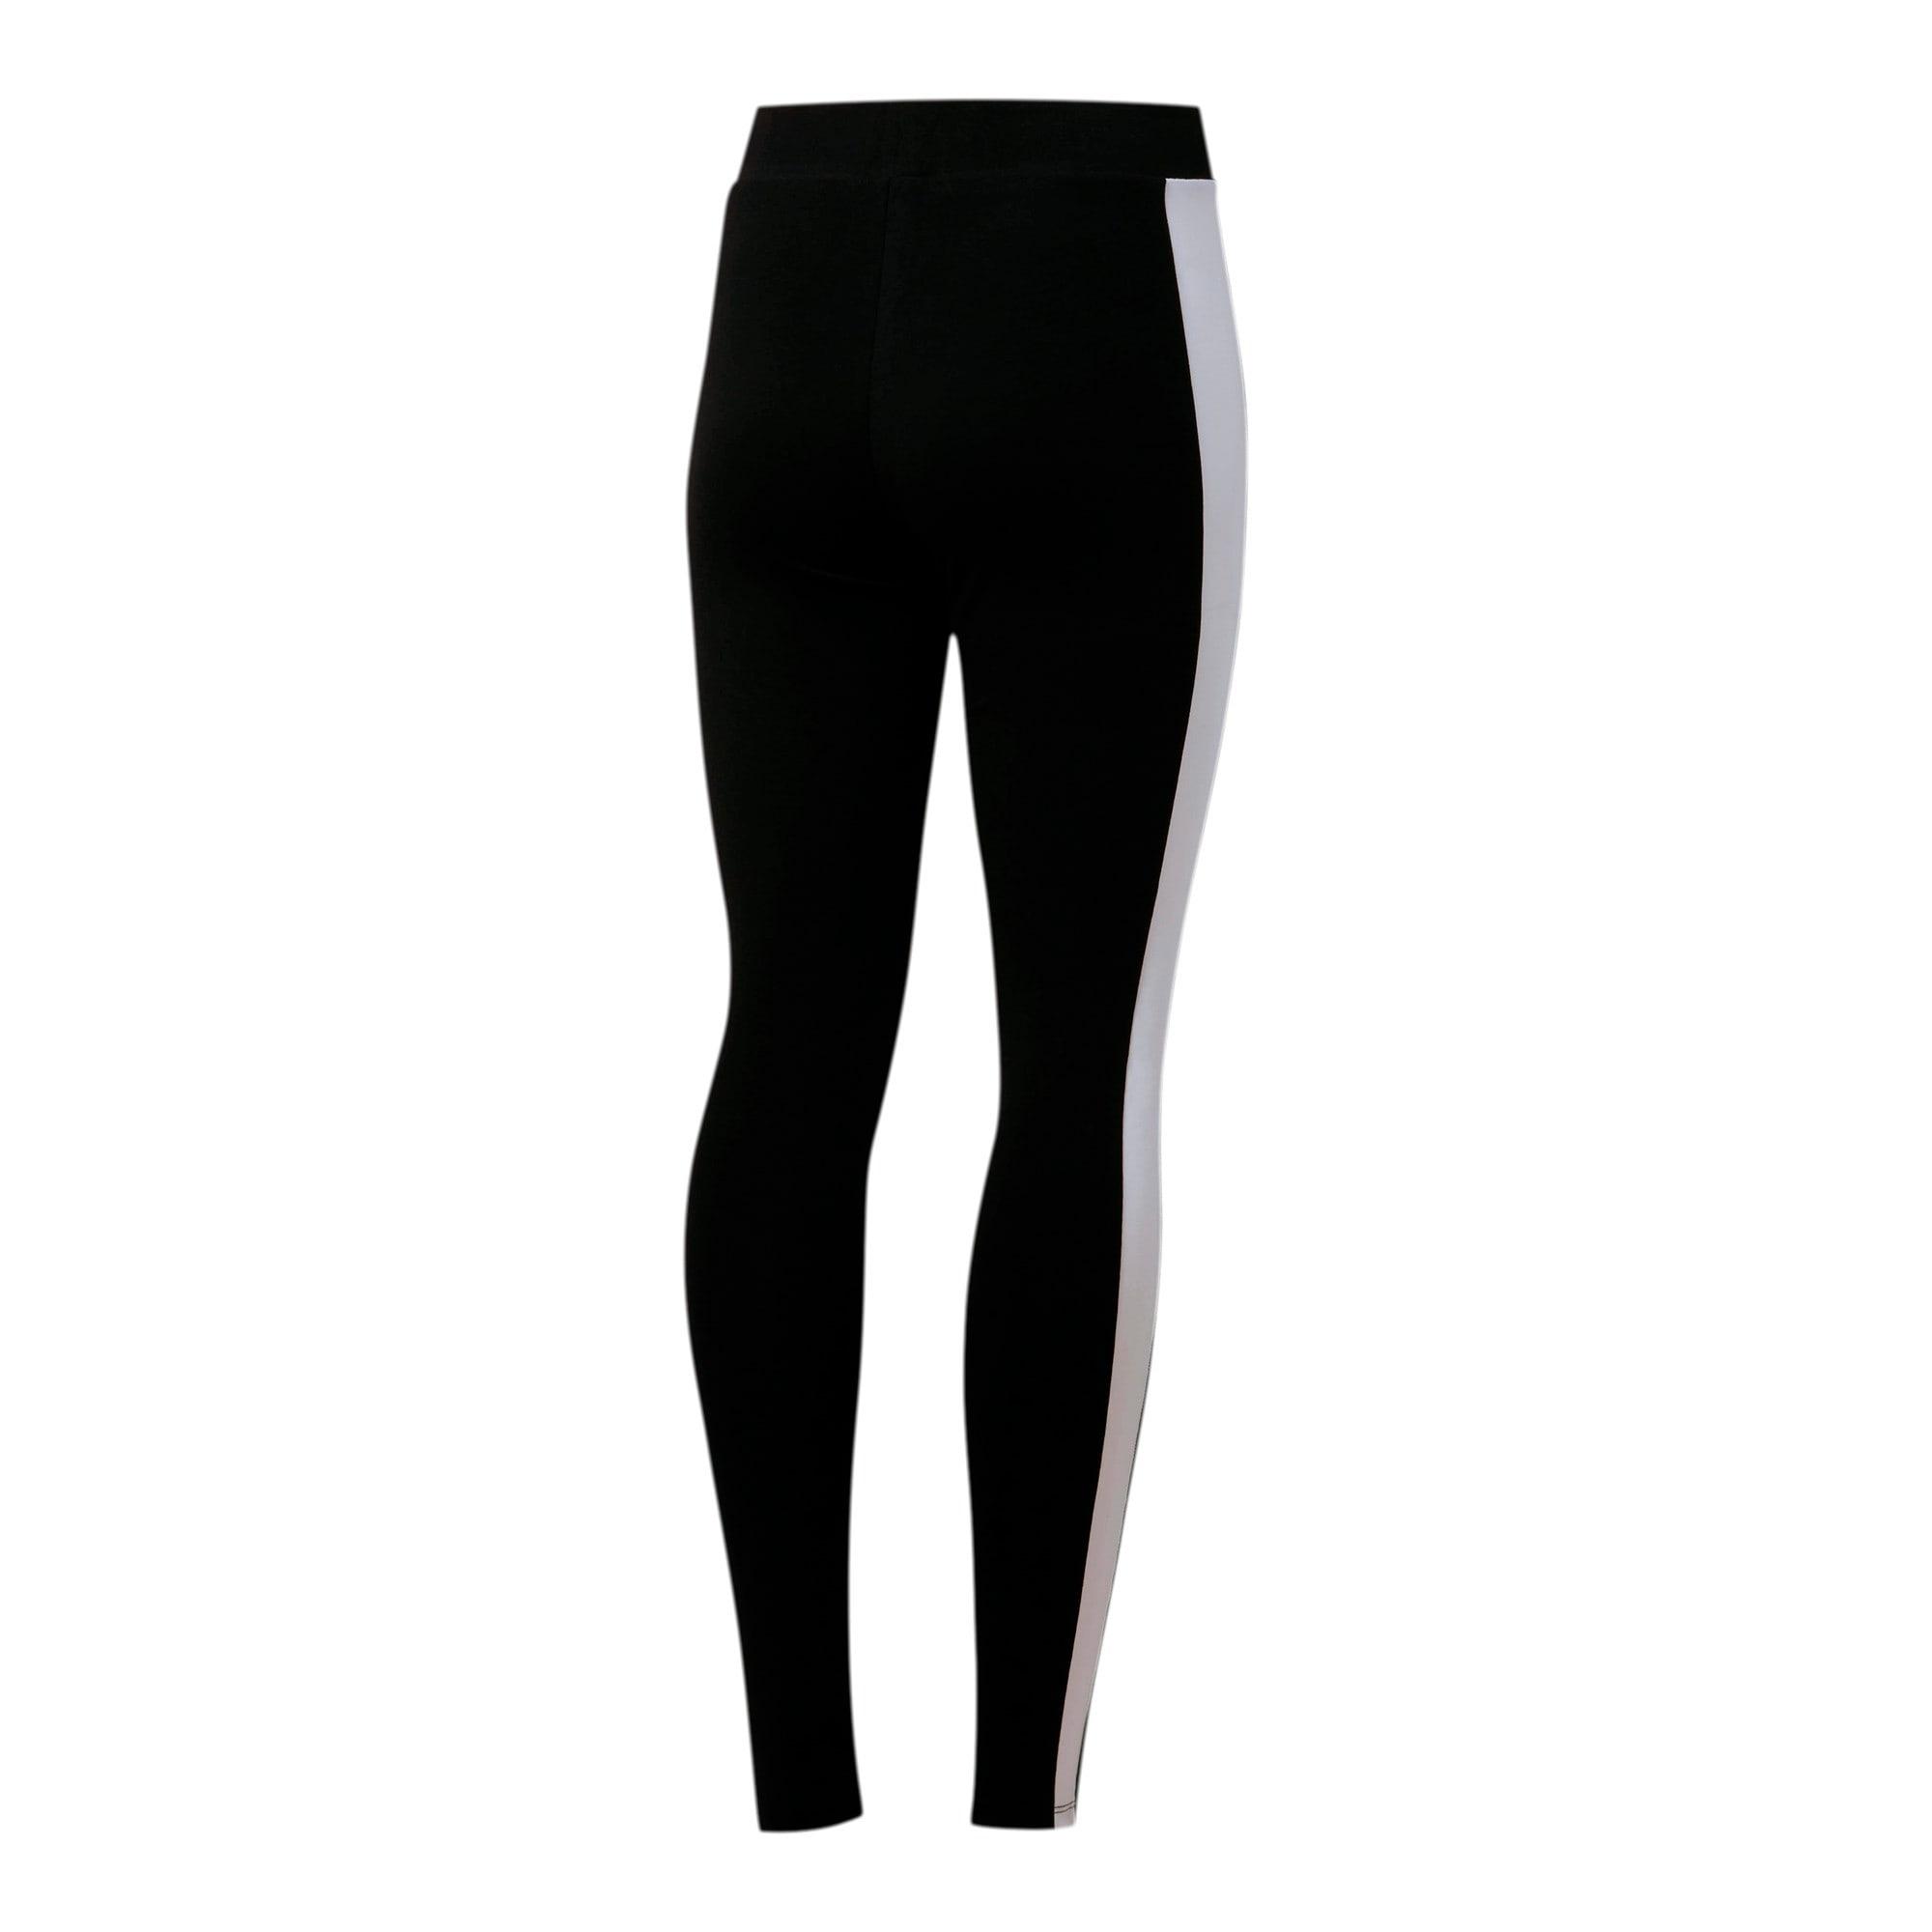 Thumbnail 4 of Classics Logo T7 Women's Leggings, Cotton Black, medium